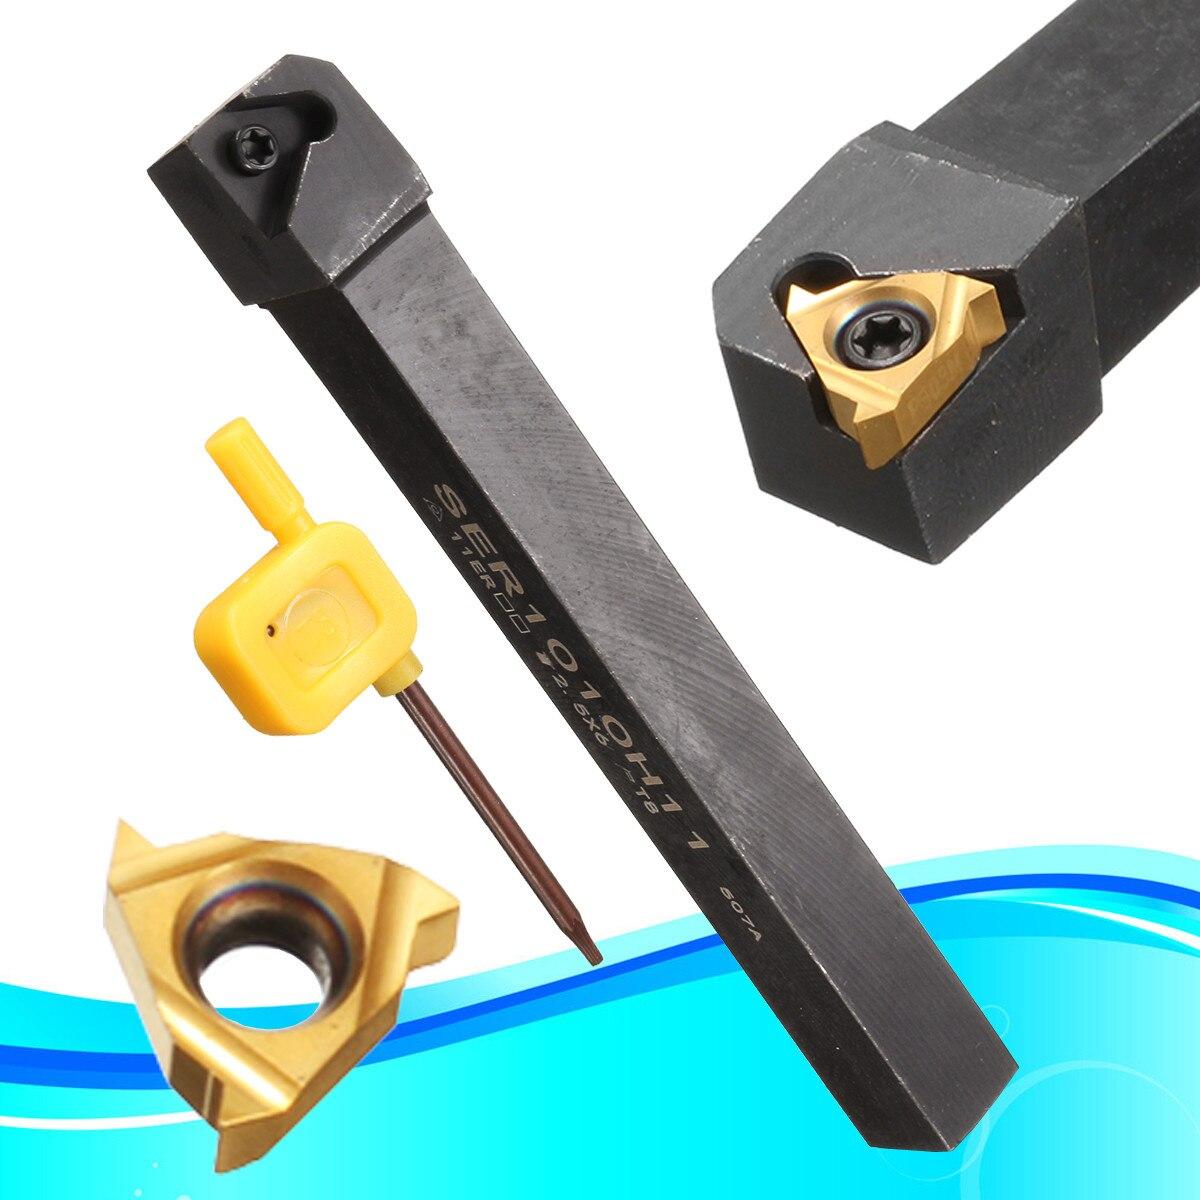 1Pcs SER1010H11 Threading Turning Tool Holder + 11ER 1/4